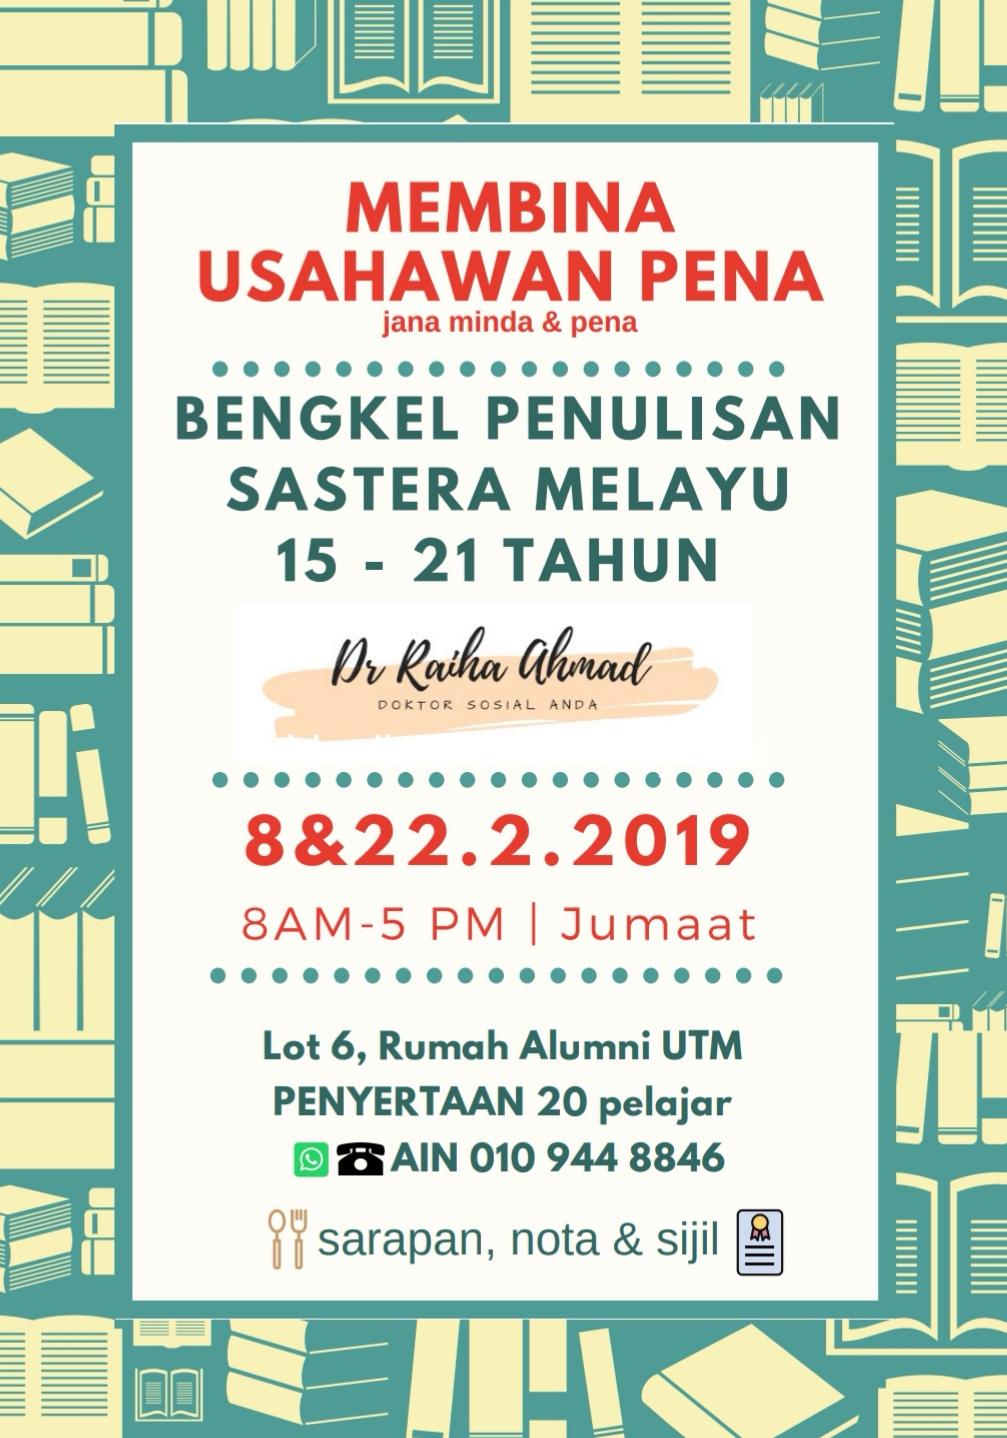 Bengkel Penulisan Sastera Melayu (15-21 Tahun) | 8 & 22 Feb 2019